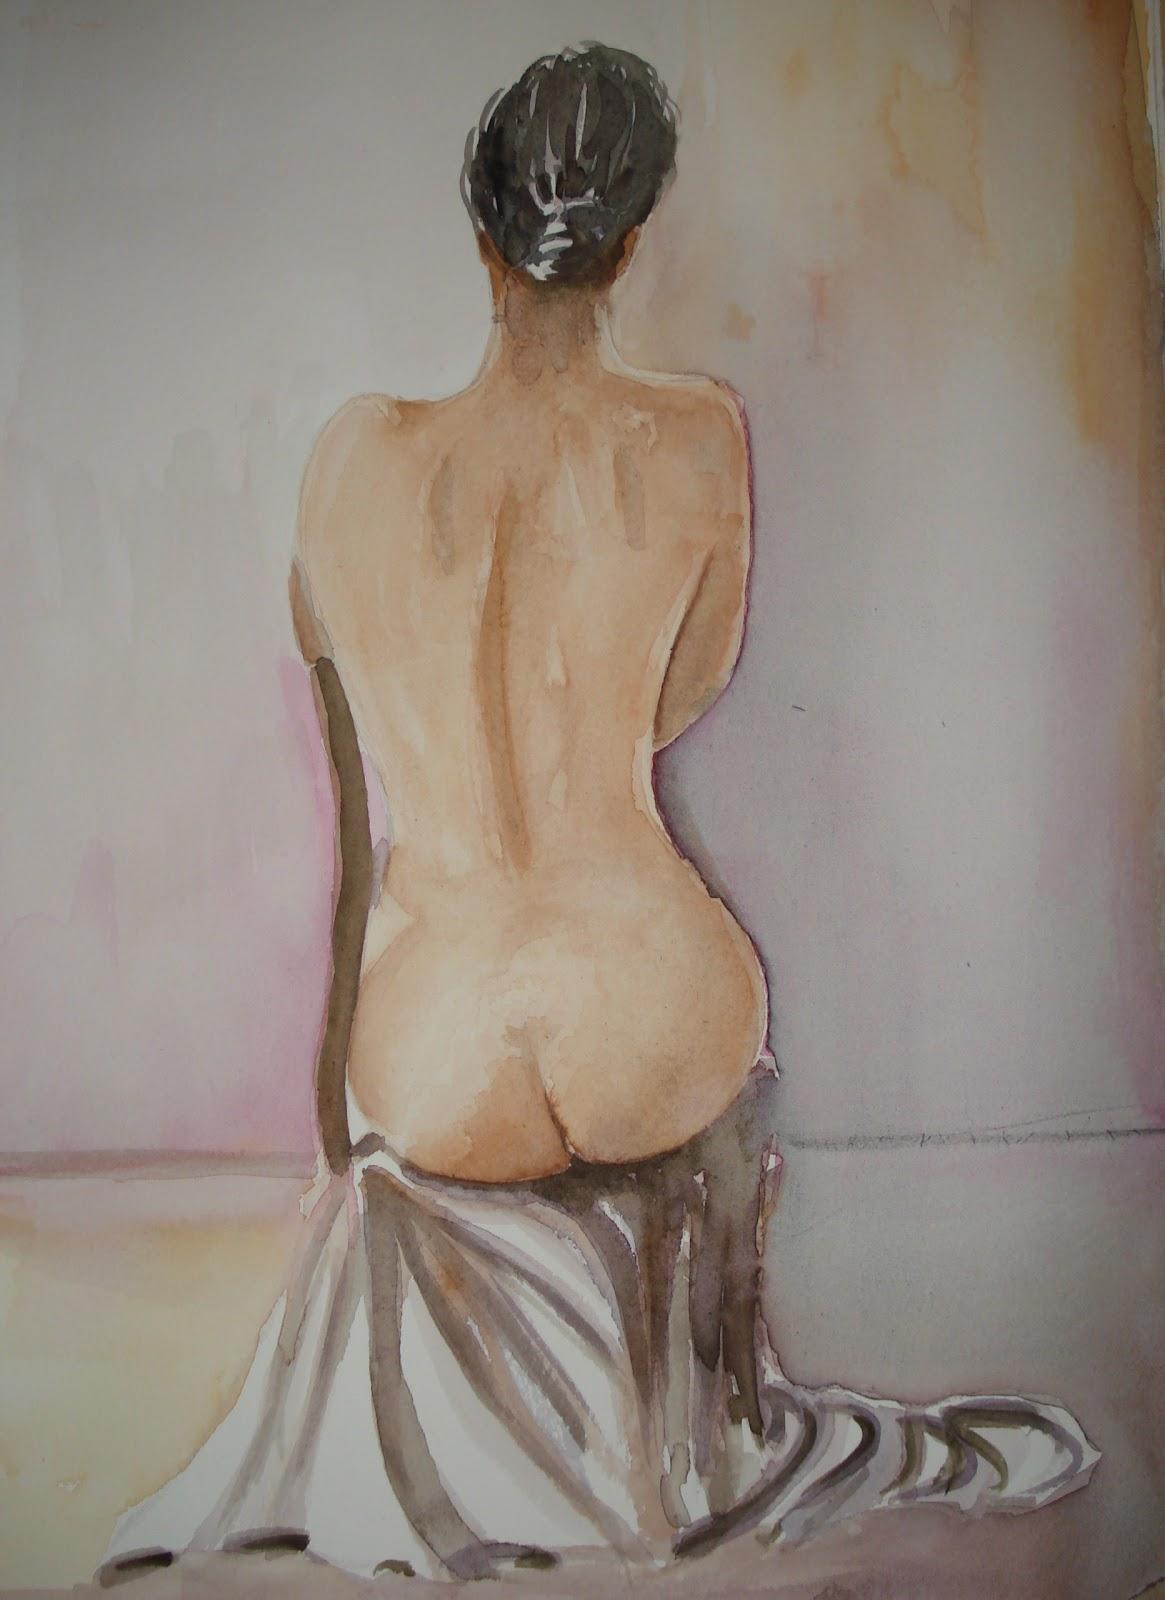 http://3.bp.blogspot.com/-ldDvJgLMgeE/TVk8xai5wwI/AAAAAAAAAVU/i54OMSudRmM/s1600/DSC02788.JPG